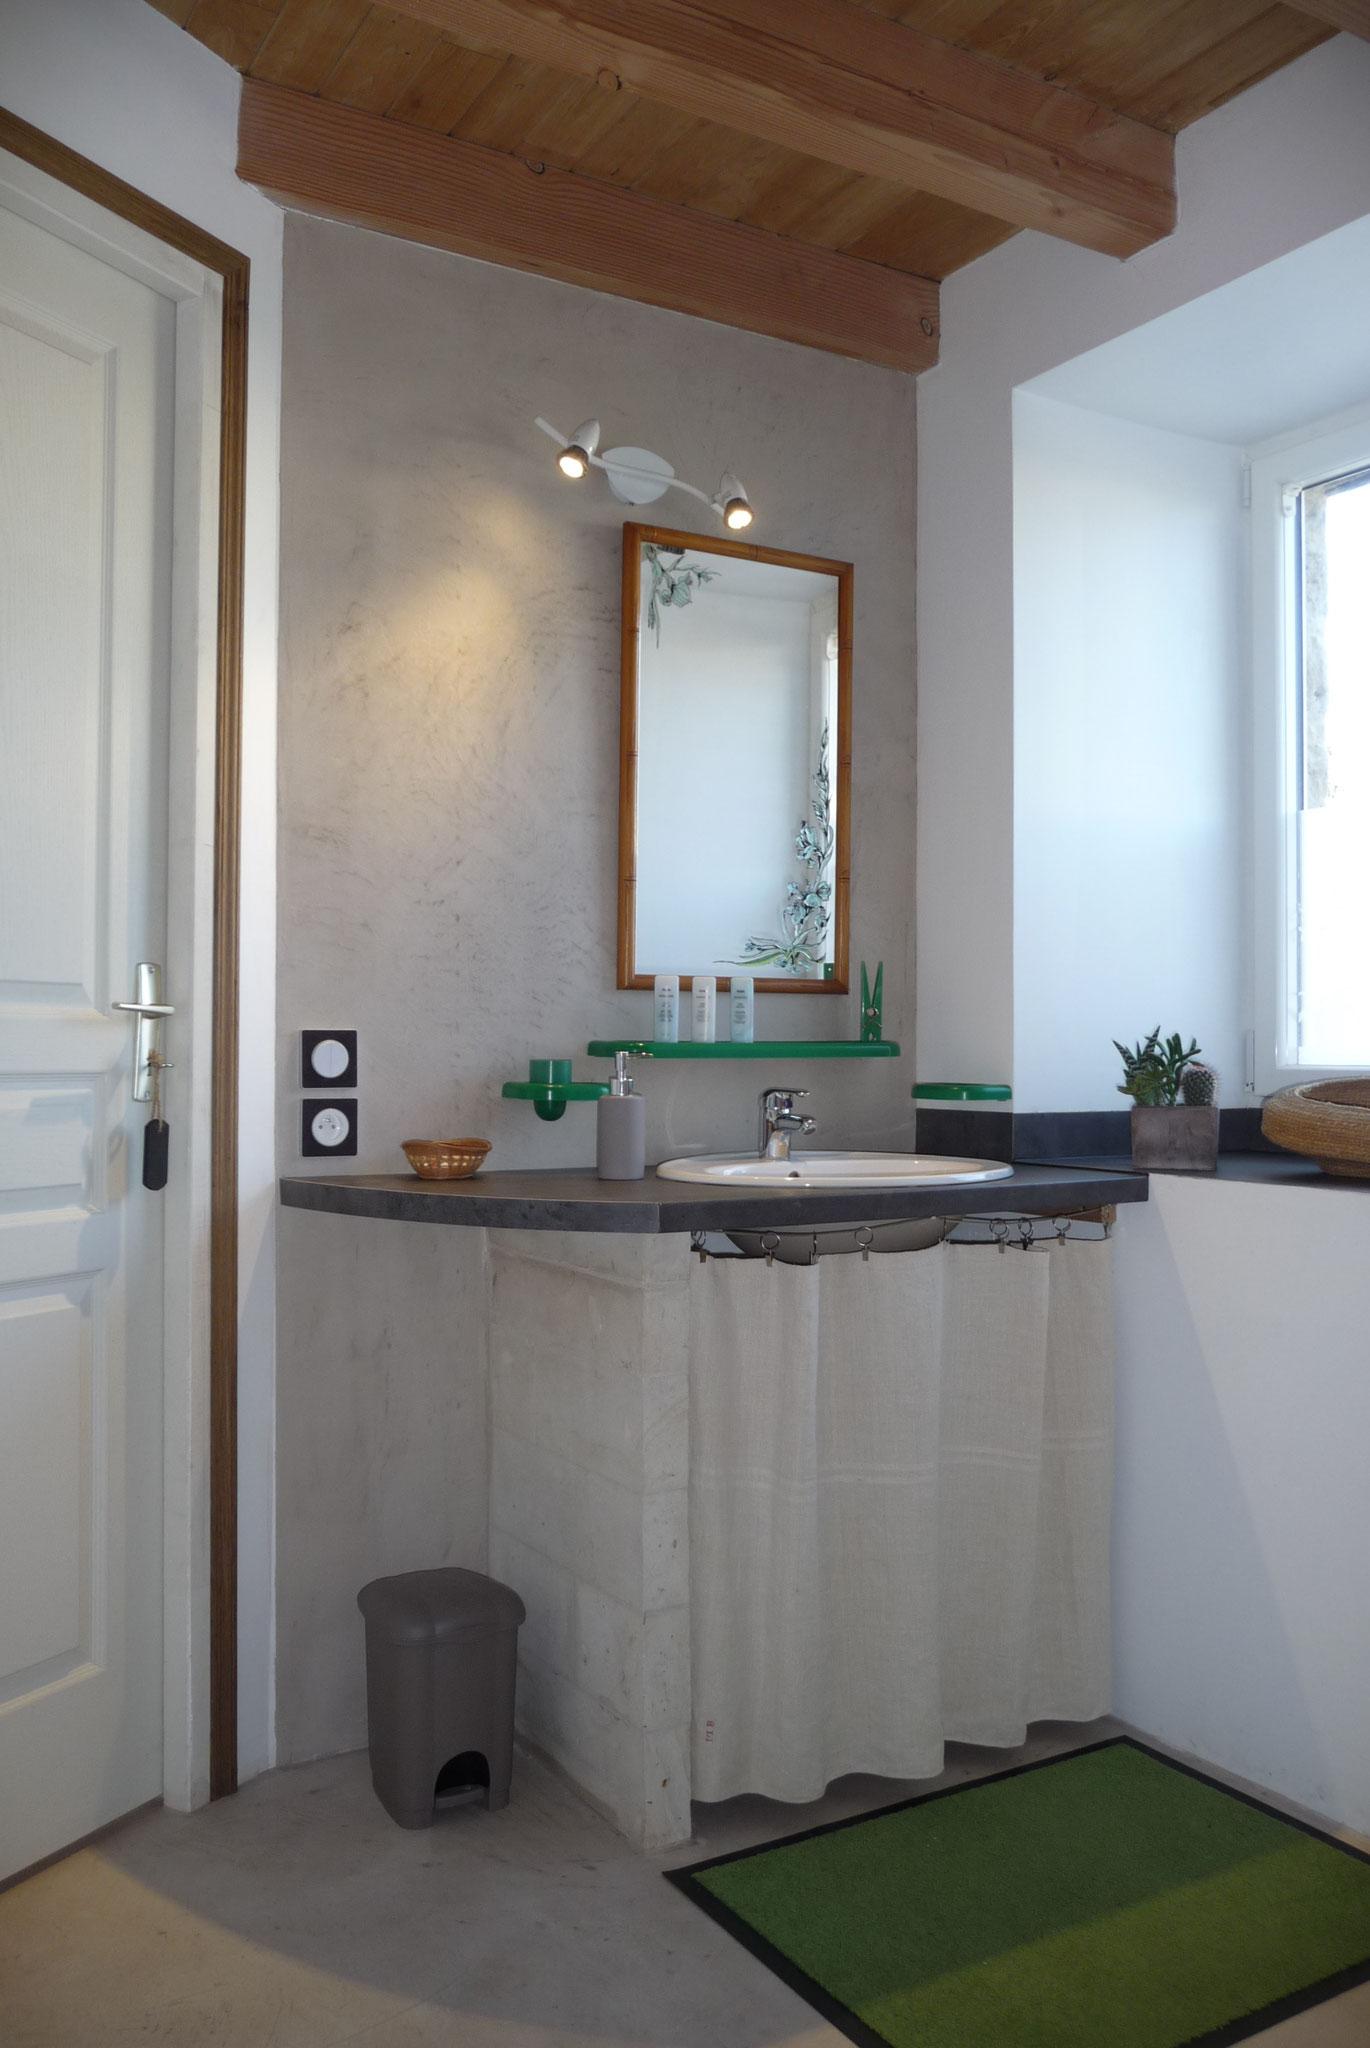 Gîte La Ponne, salle de bain au rez de chaussée